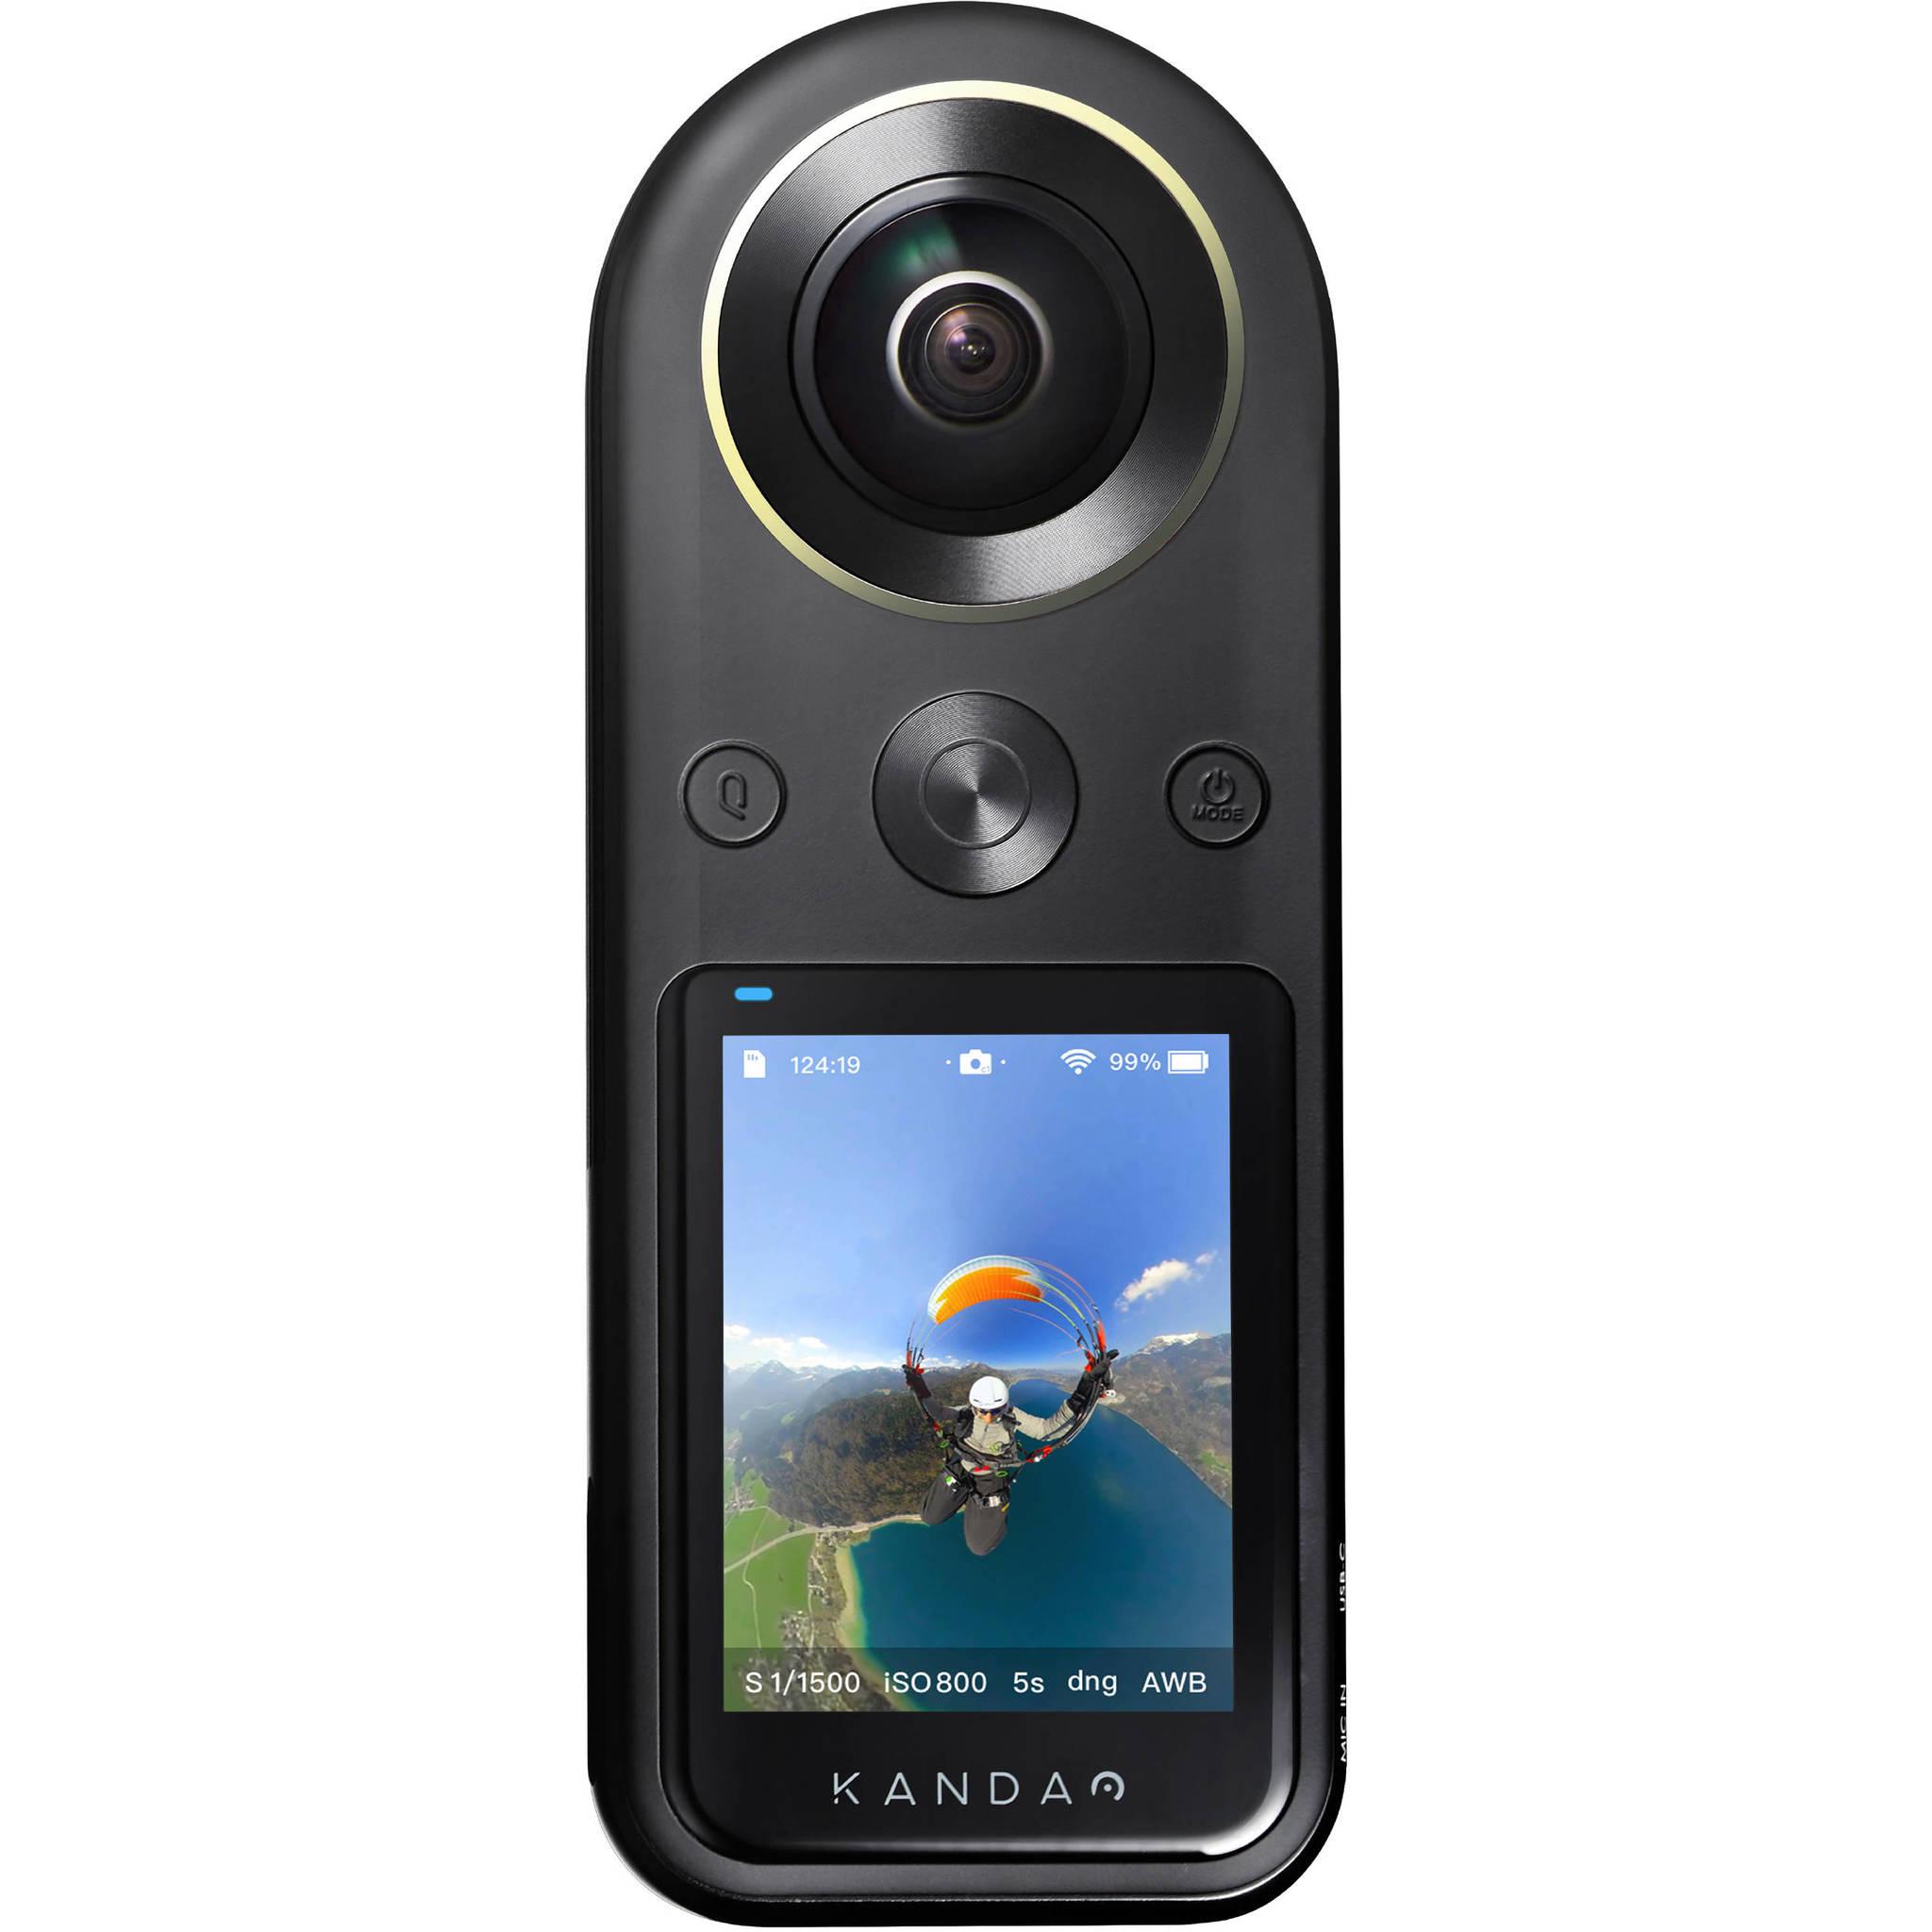 Qoocam 360° camera rental